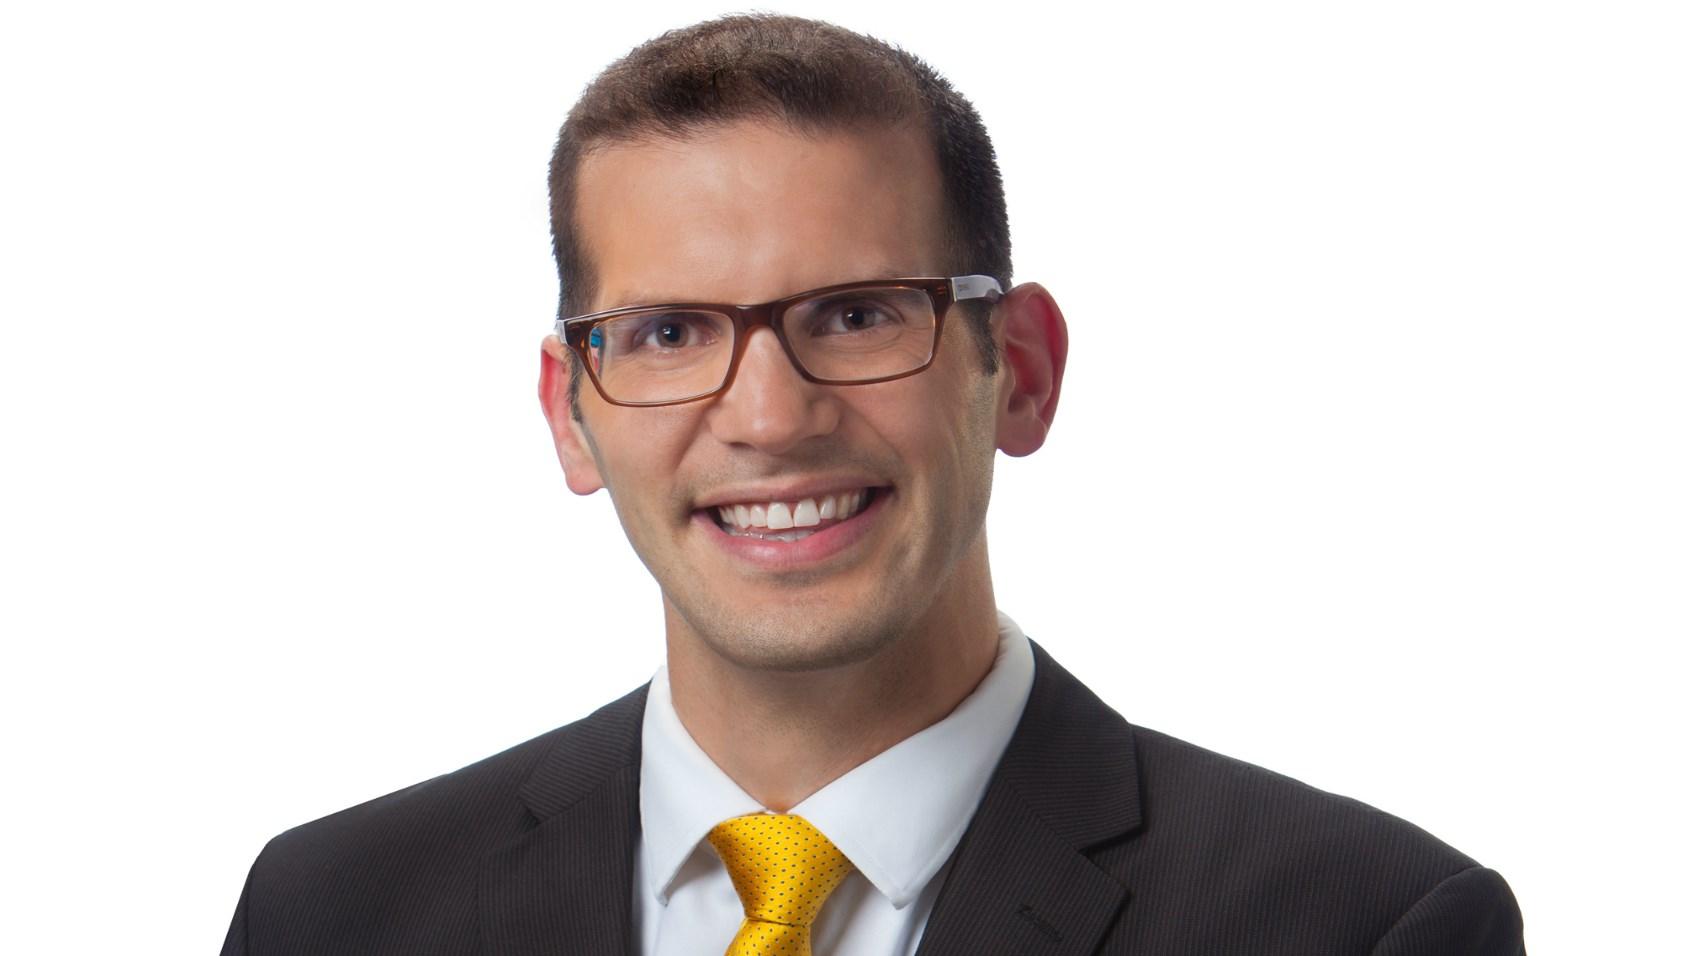 Colin Oraskovich